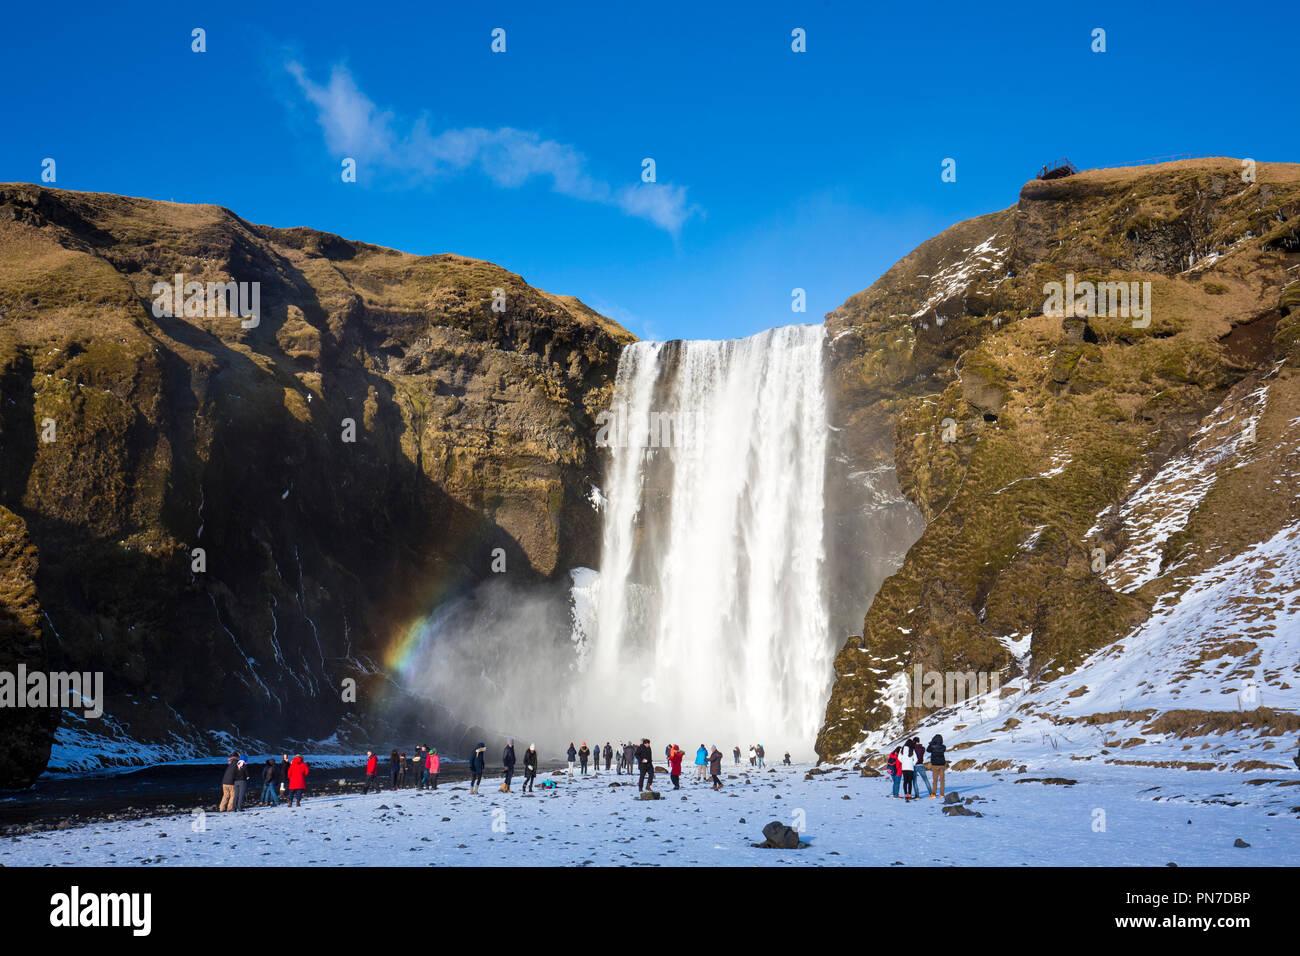 Turisti e rainbow a spettacolari cascate Skogar - Skogarfoss - nel sud dell'Islanda con fragoroso glaciale acque di fusione Immagini Stock